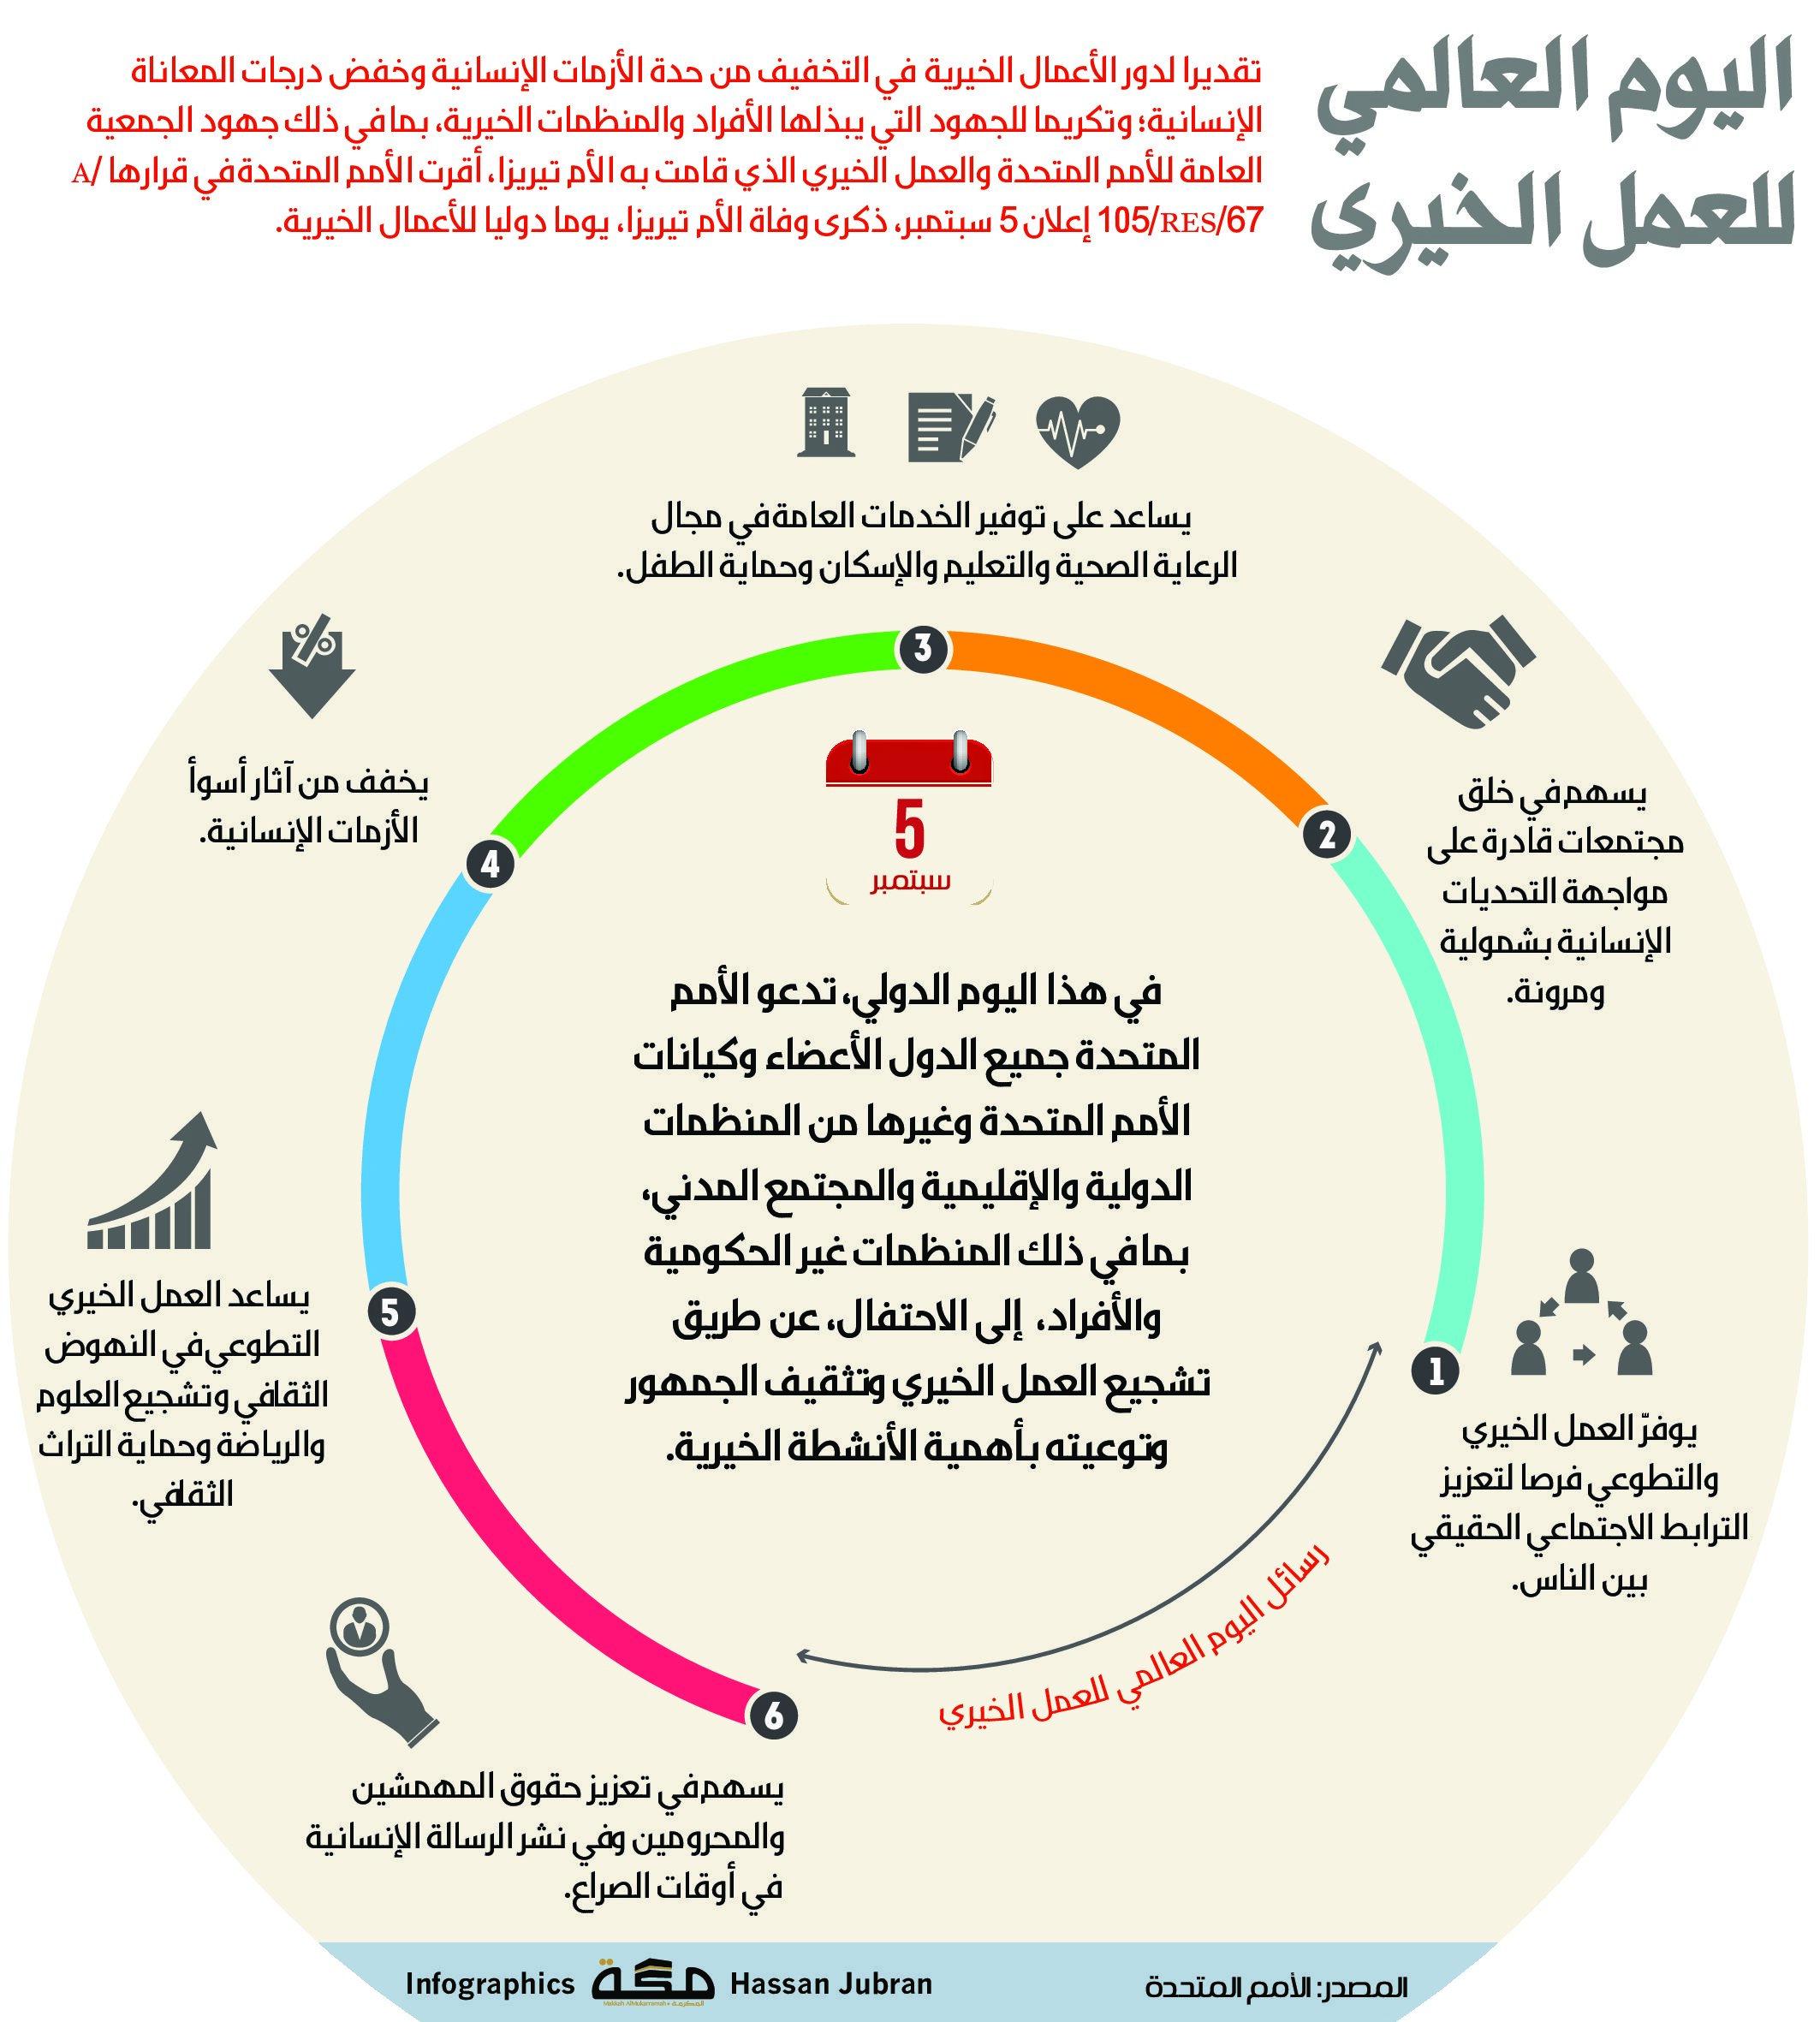 اليوم العالمي للعمل الخيري 5 سبتمبر صحيفةـمكة انفوجرافيك الأيام العالمية Pie Chart Chart Infographic